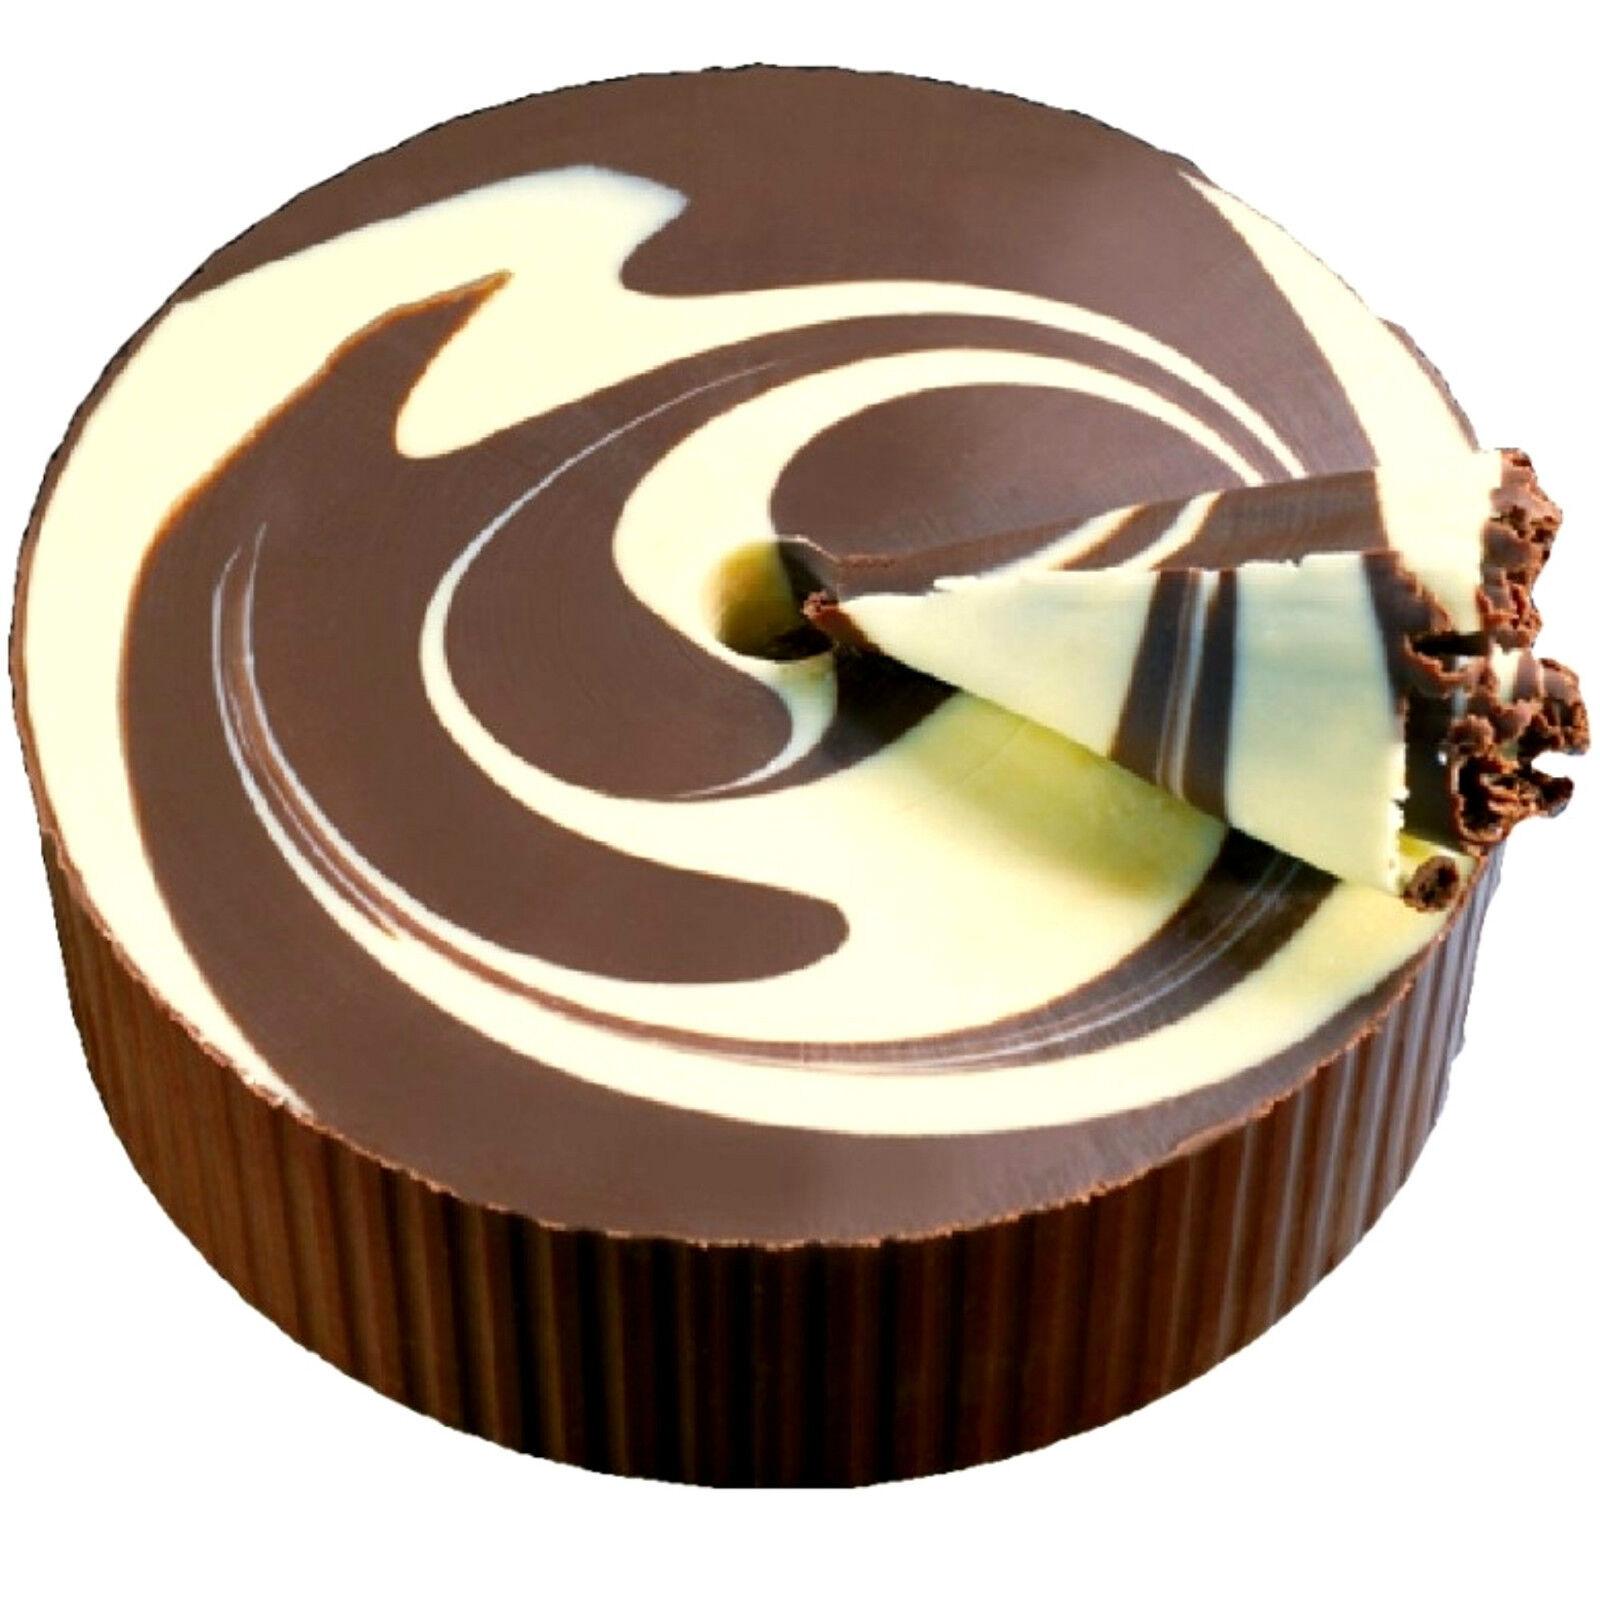 500g Choco Roulette weiss marmoriert schweizer Schokolade für Girolle